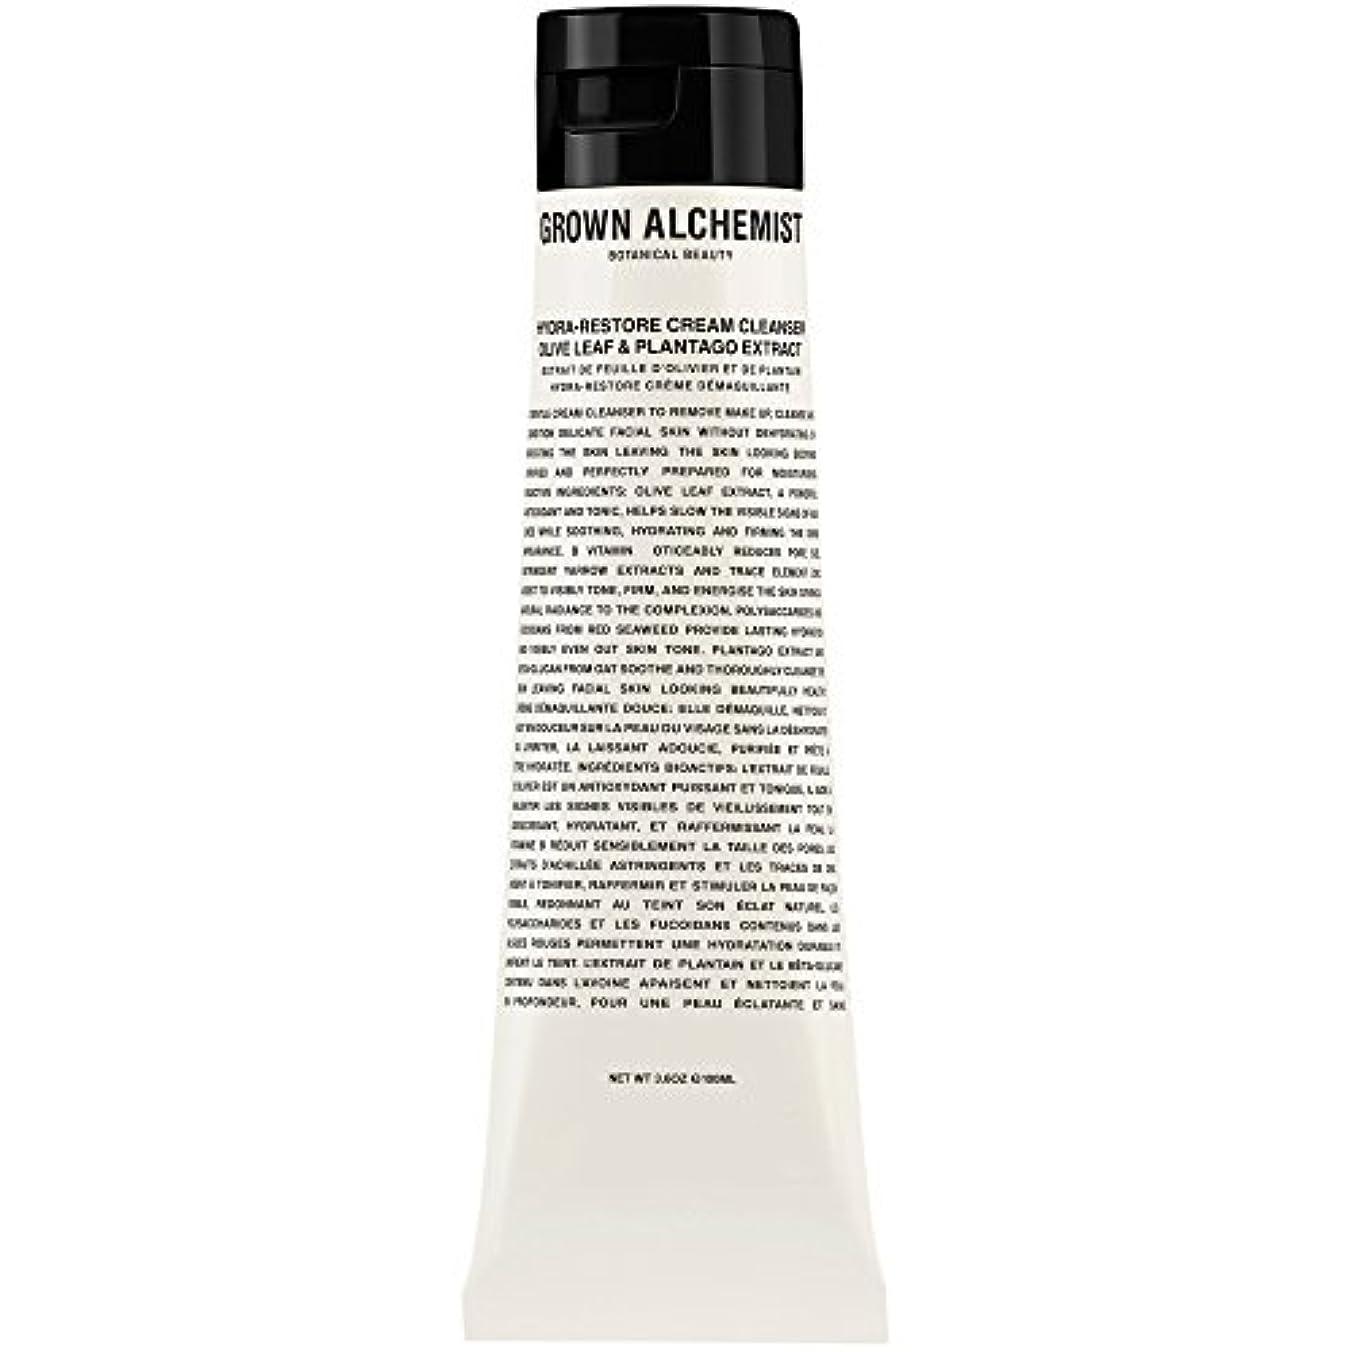 サイレン便利さ悲しみオリーブの葉&Plantogoエキス、100ミリリットル:成長した錬金術師クリームクレンザーをヒドラ復元 (Grown Alchemist) (x2) - Grown Alchemist Hydra-Restore Cream...